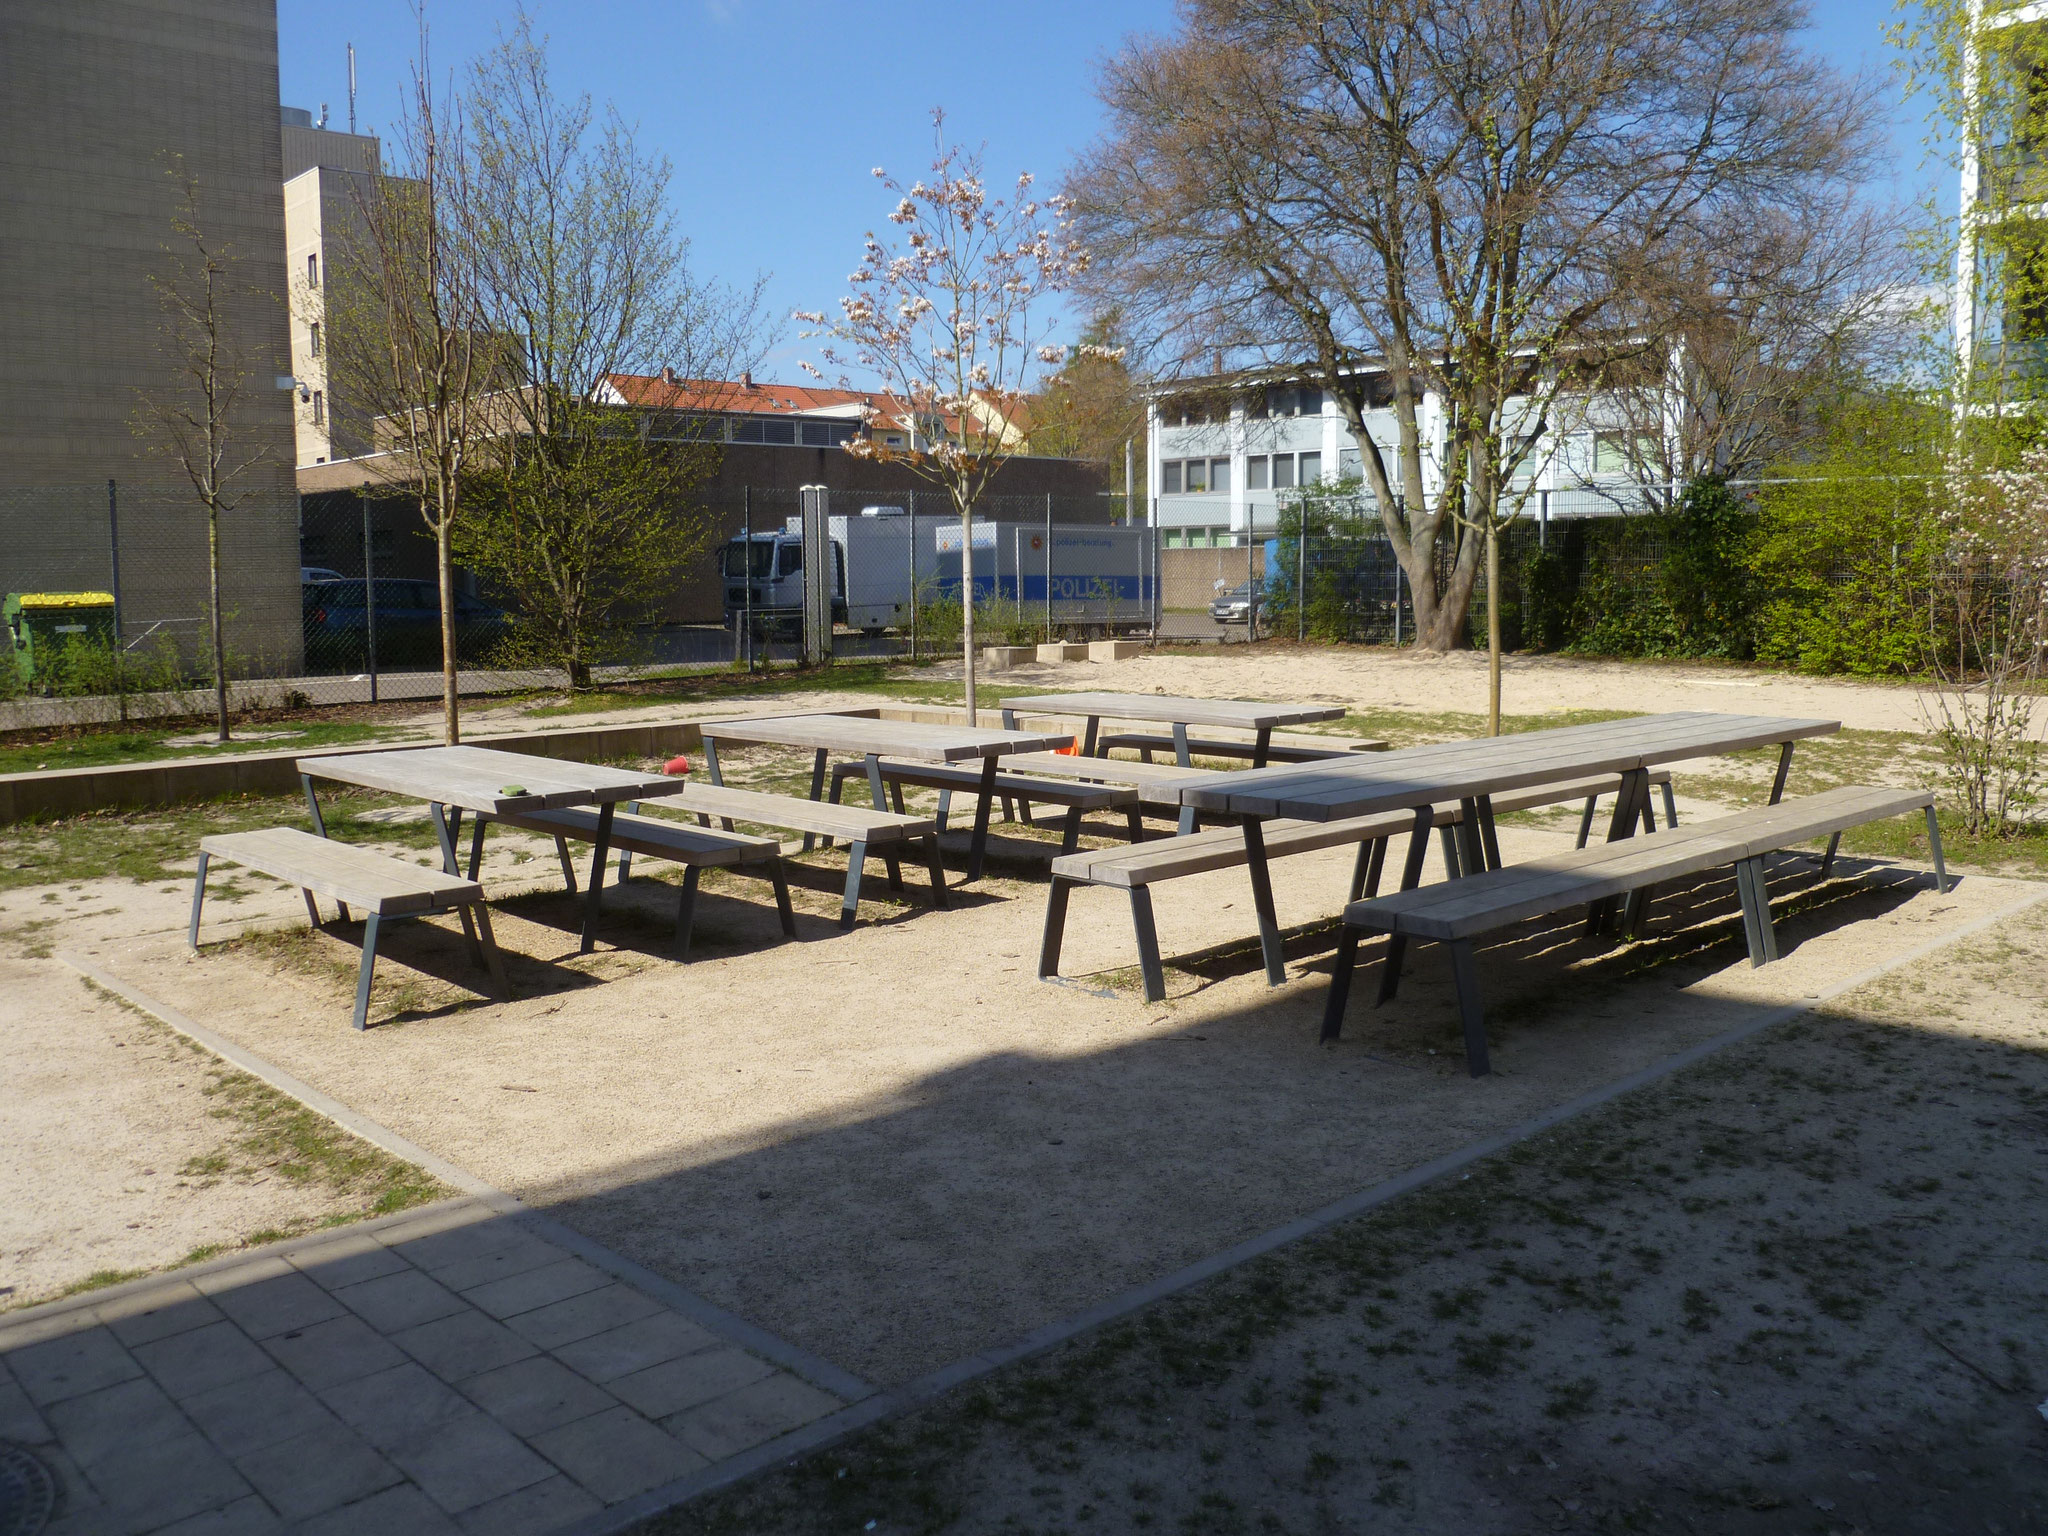 Der Schulhof bietet viele Möglichkeiten: Man kann an Tischen sitzen, ...